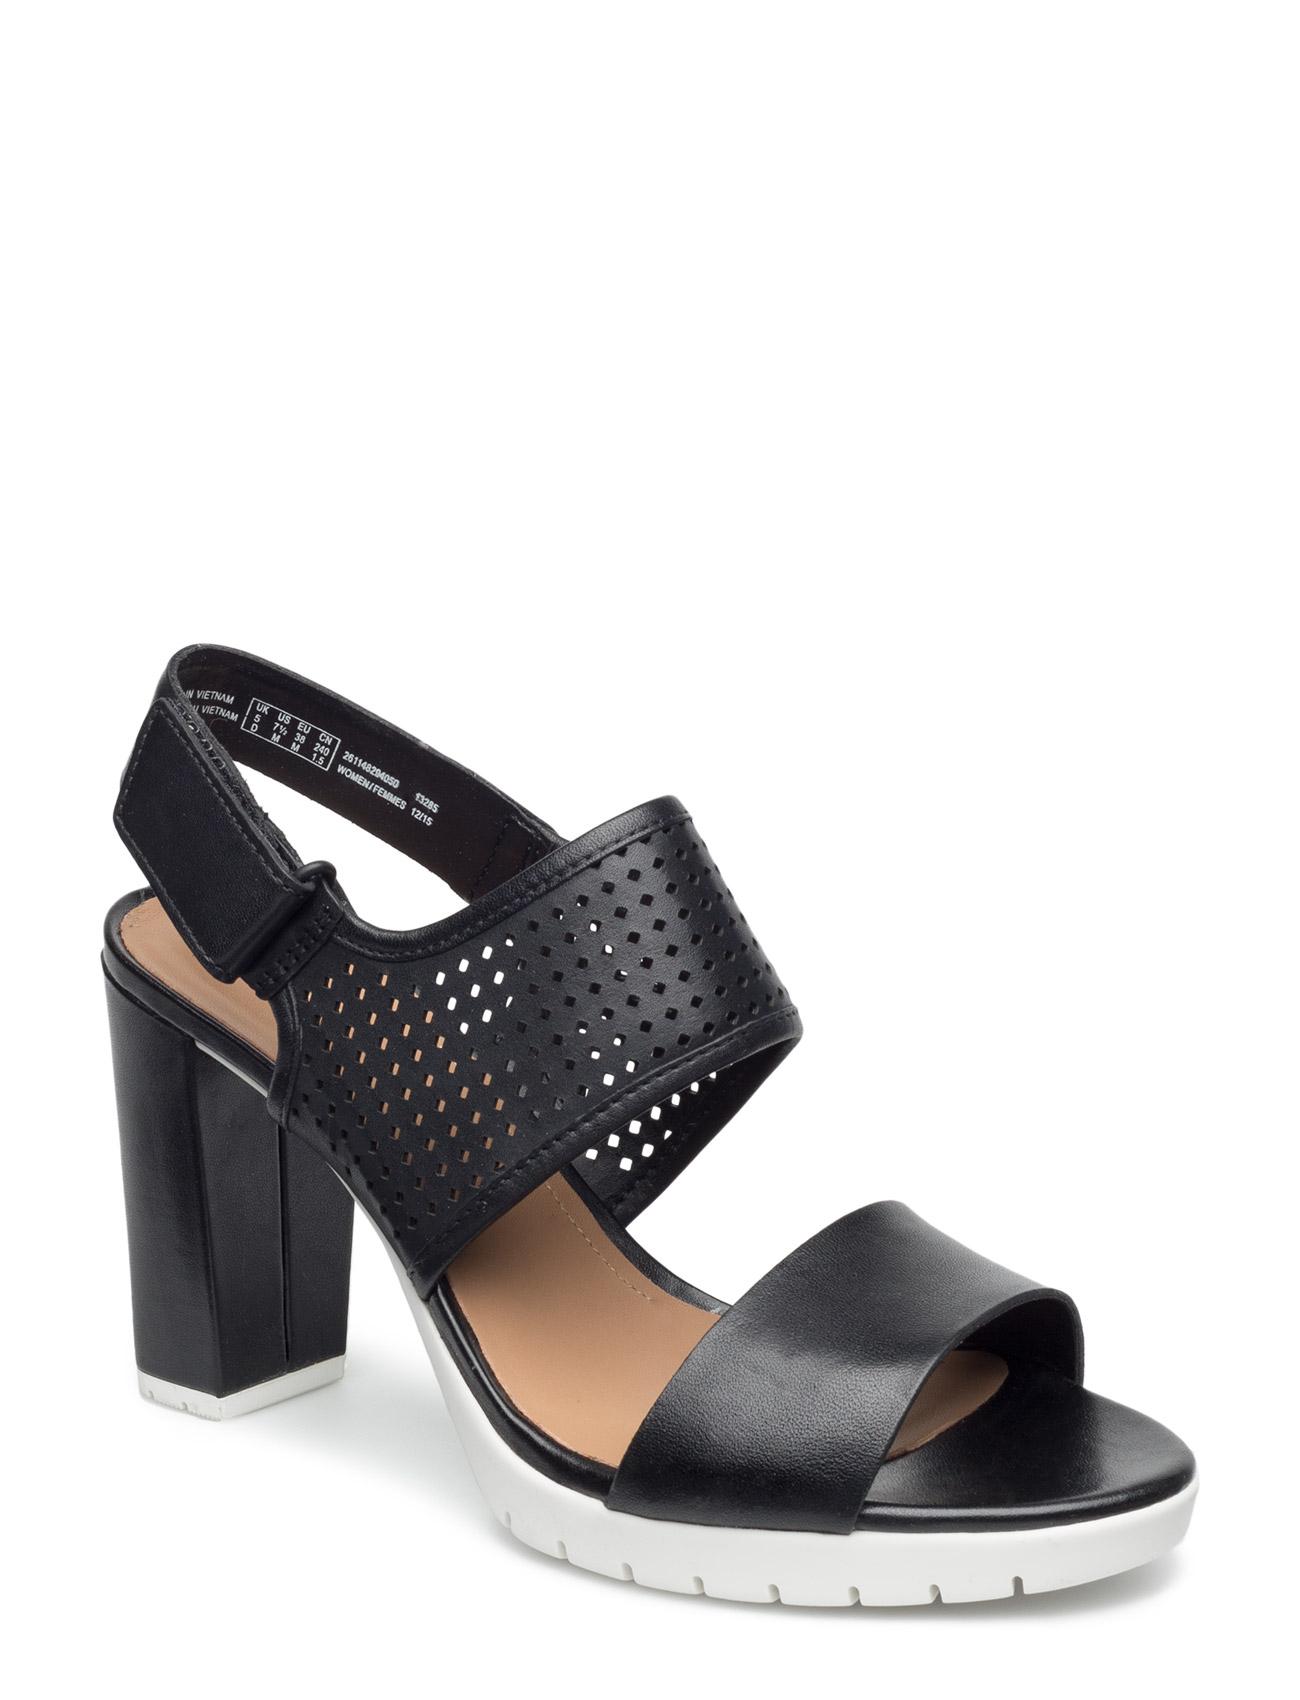 Pastina Malory Clarks Sandaler til Kvinder i Sort læder